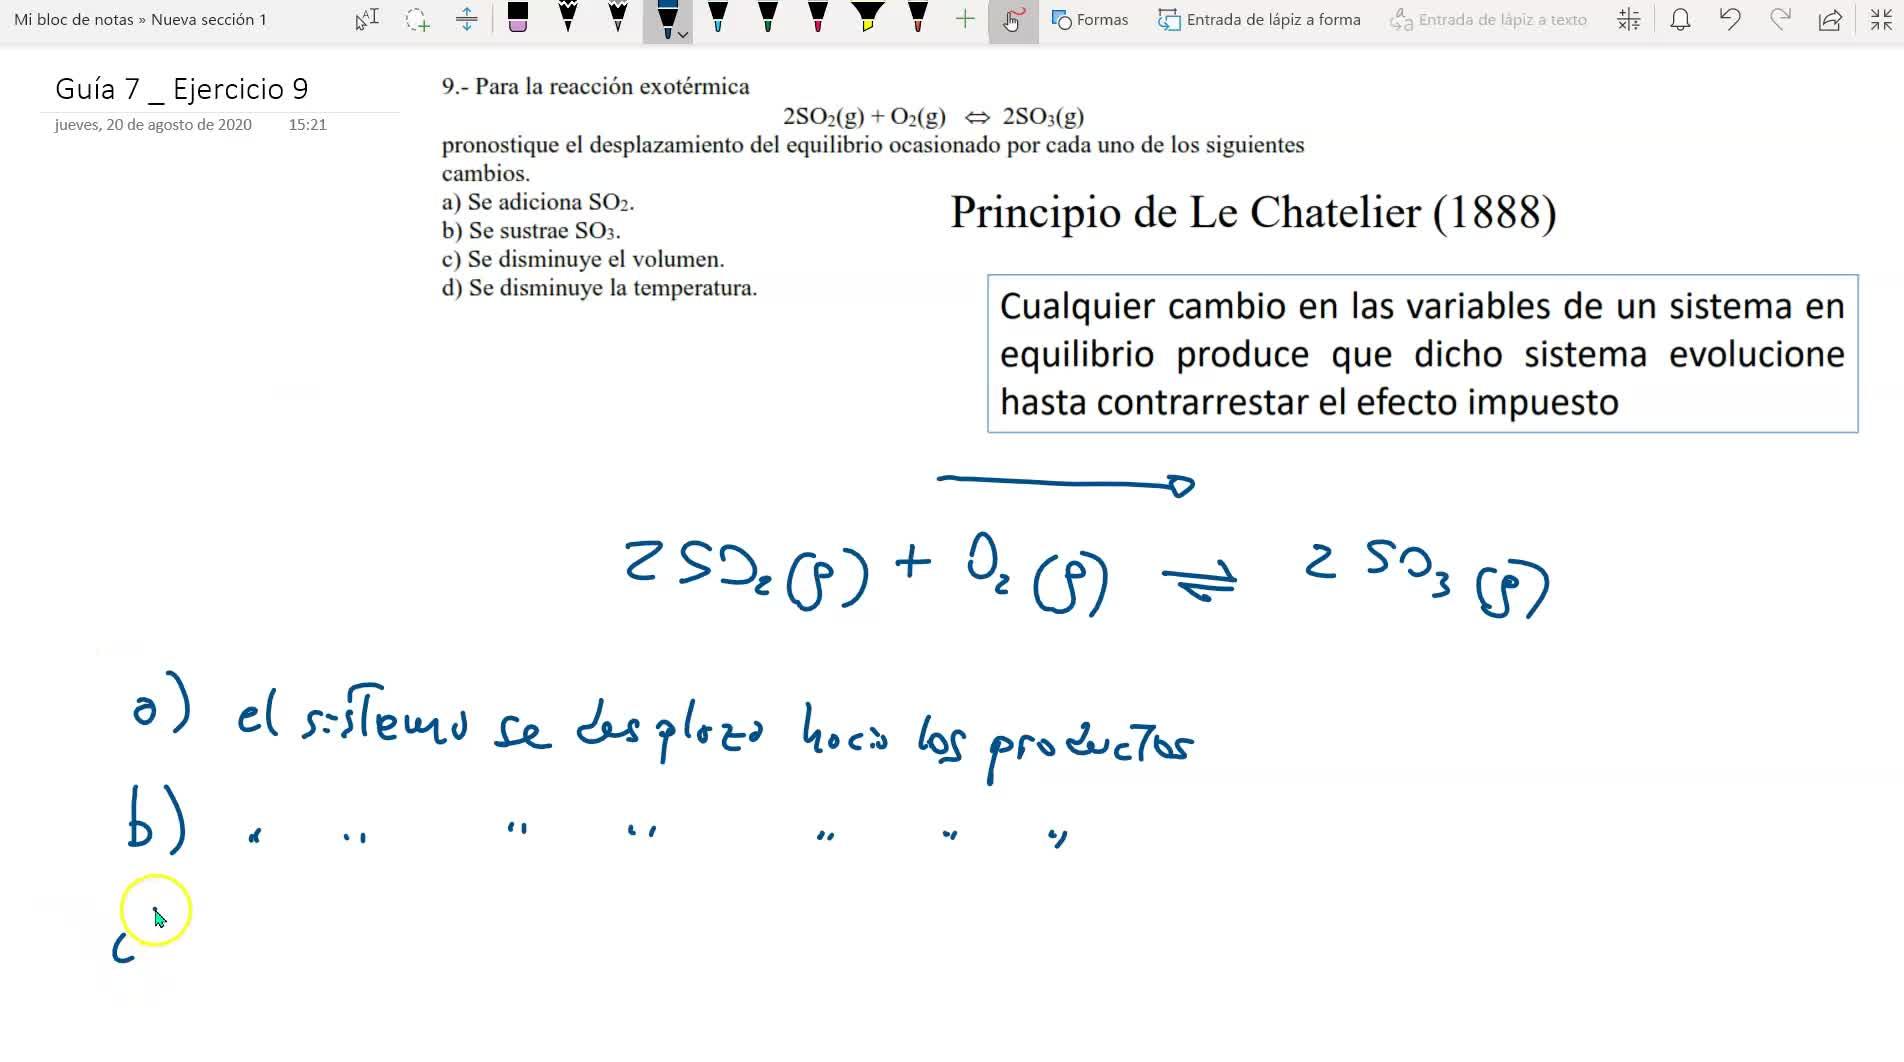 guía de equilibrio químico _ ejercicio 9